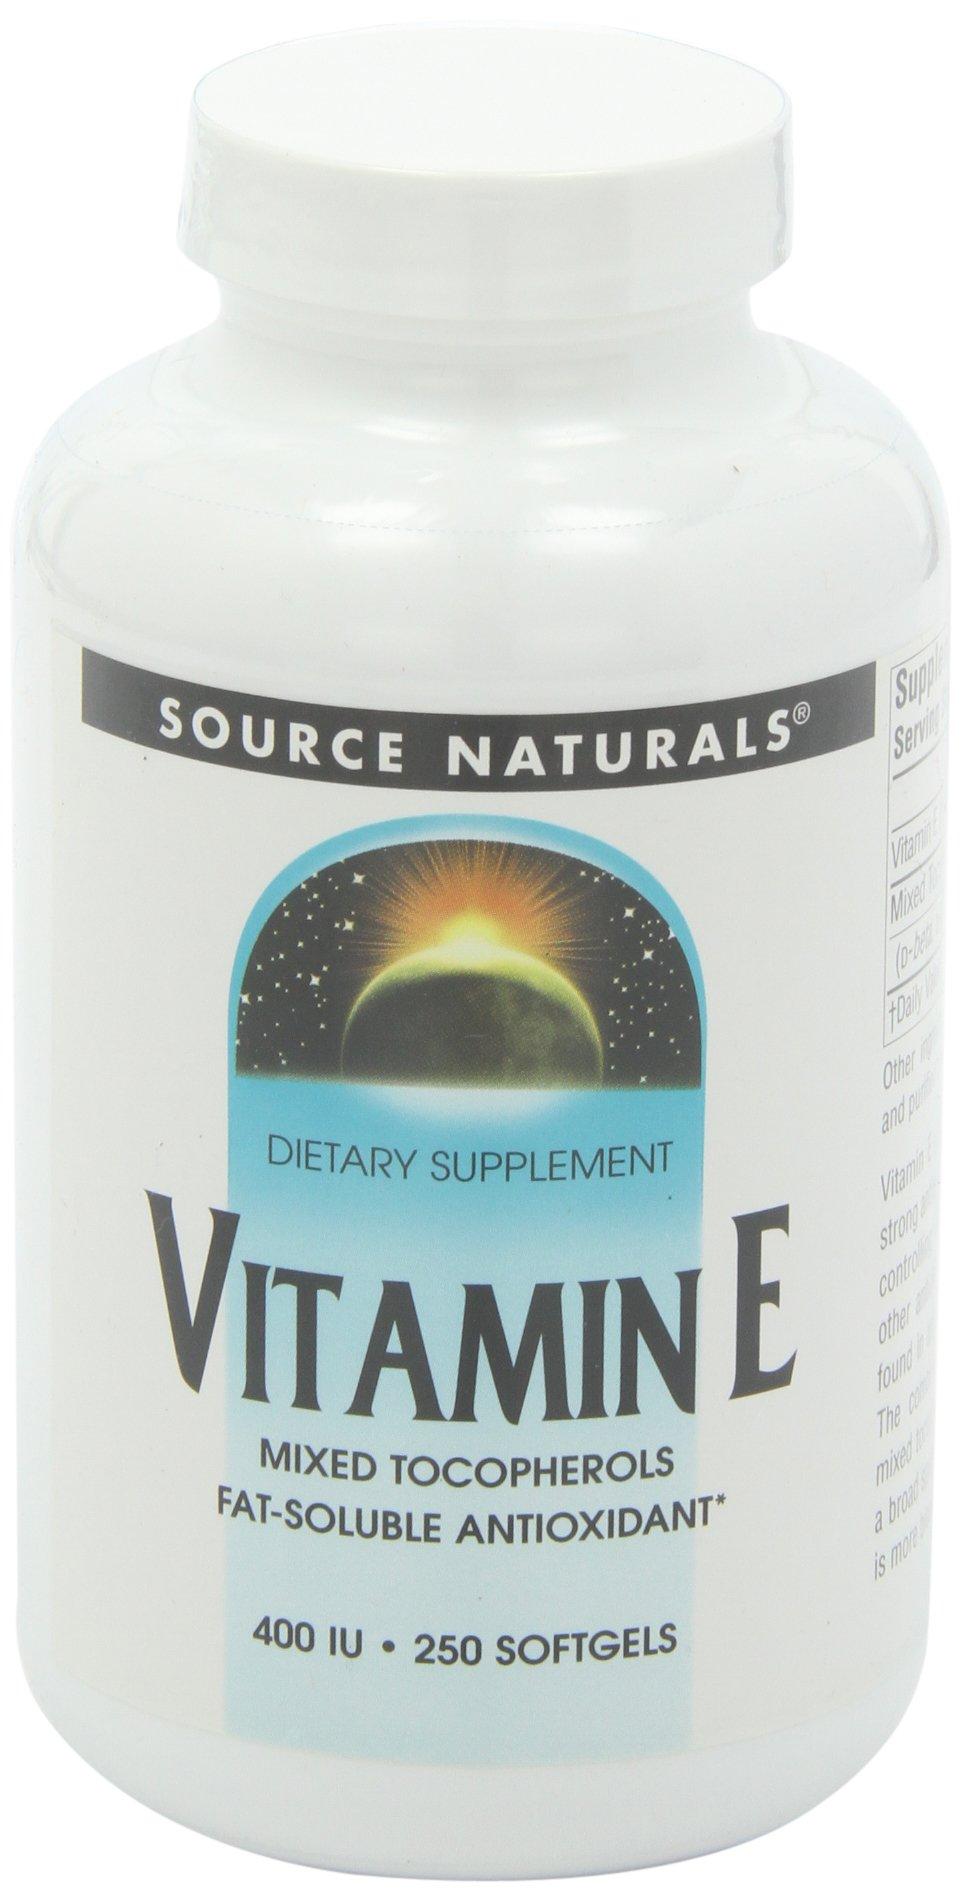 Source Naturals Vitamin E, Natural Mixed Tocopherols, 400 IU, 250 Softgels